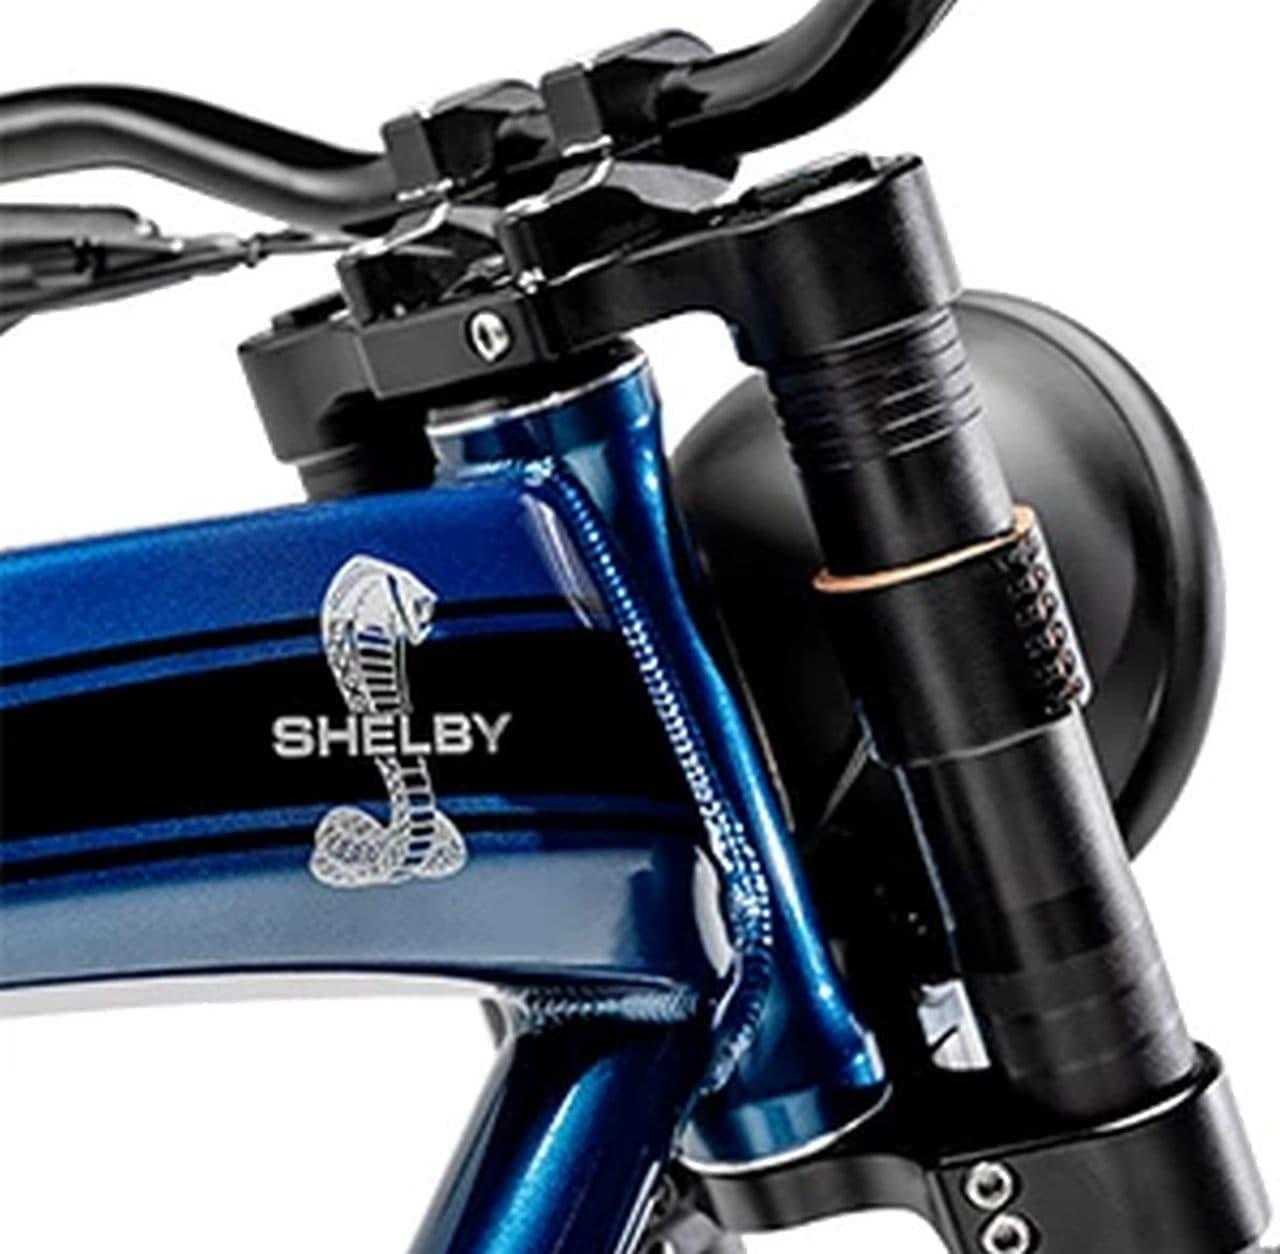 シェルビーとのコラボで生まれた電動バイク「VINTAGE ELECTRIC SHELBY」